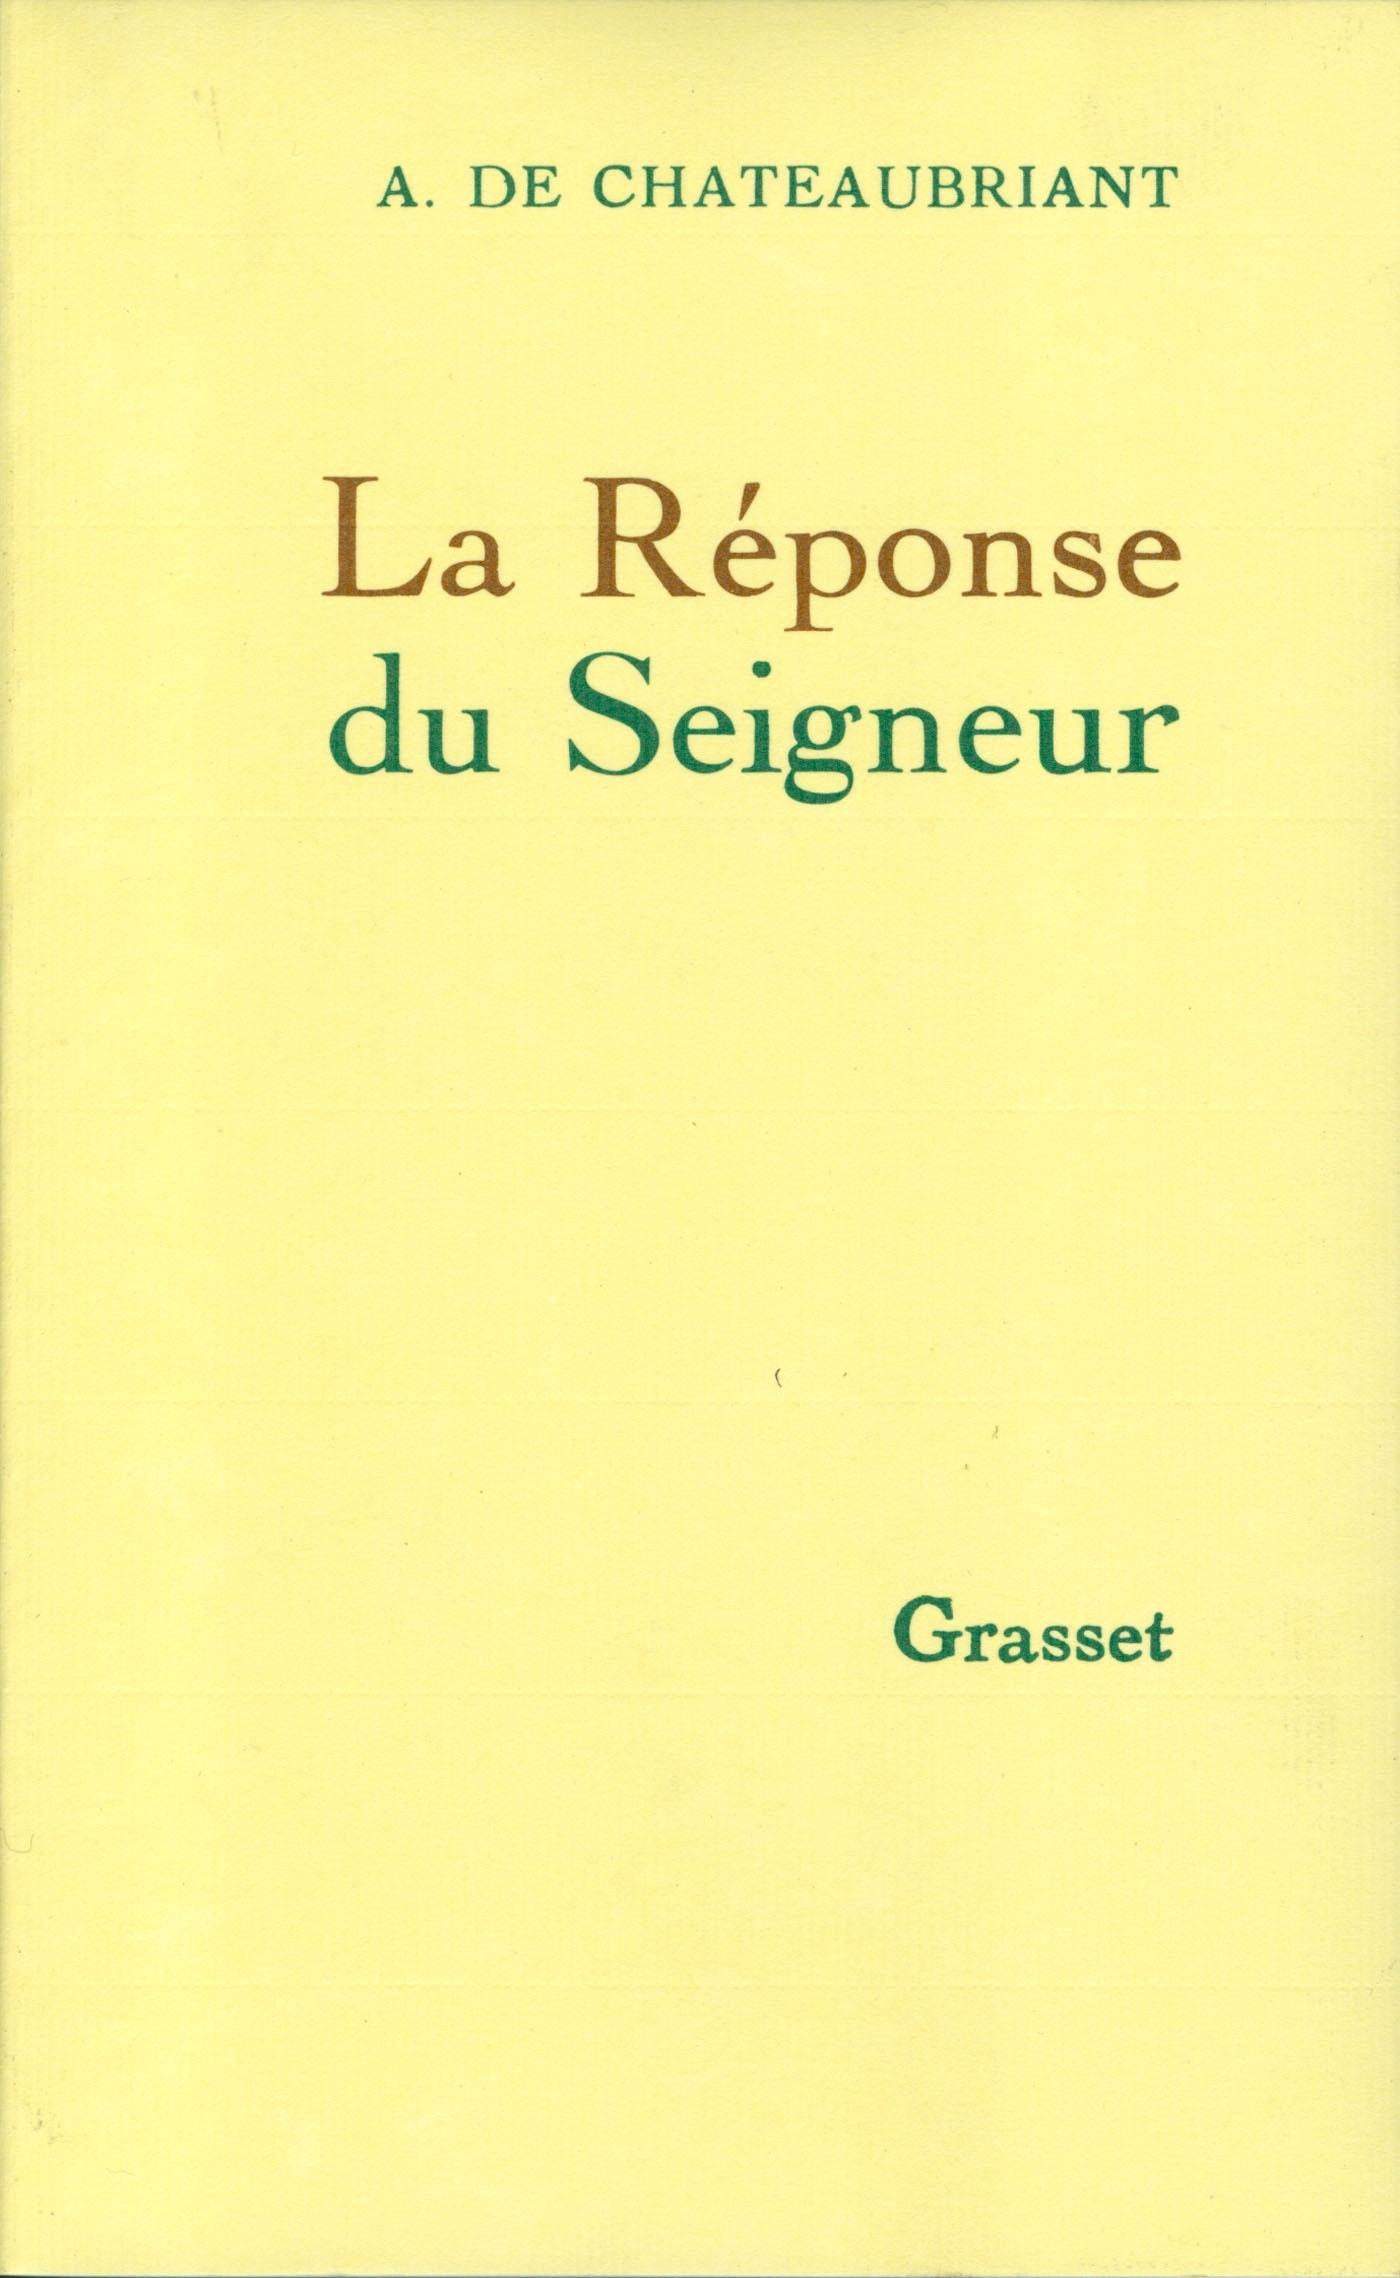 LA REPONSE DU SEIGNEUR